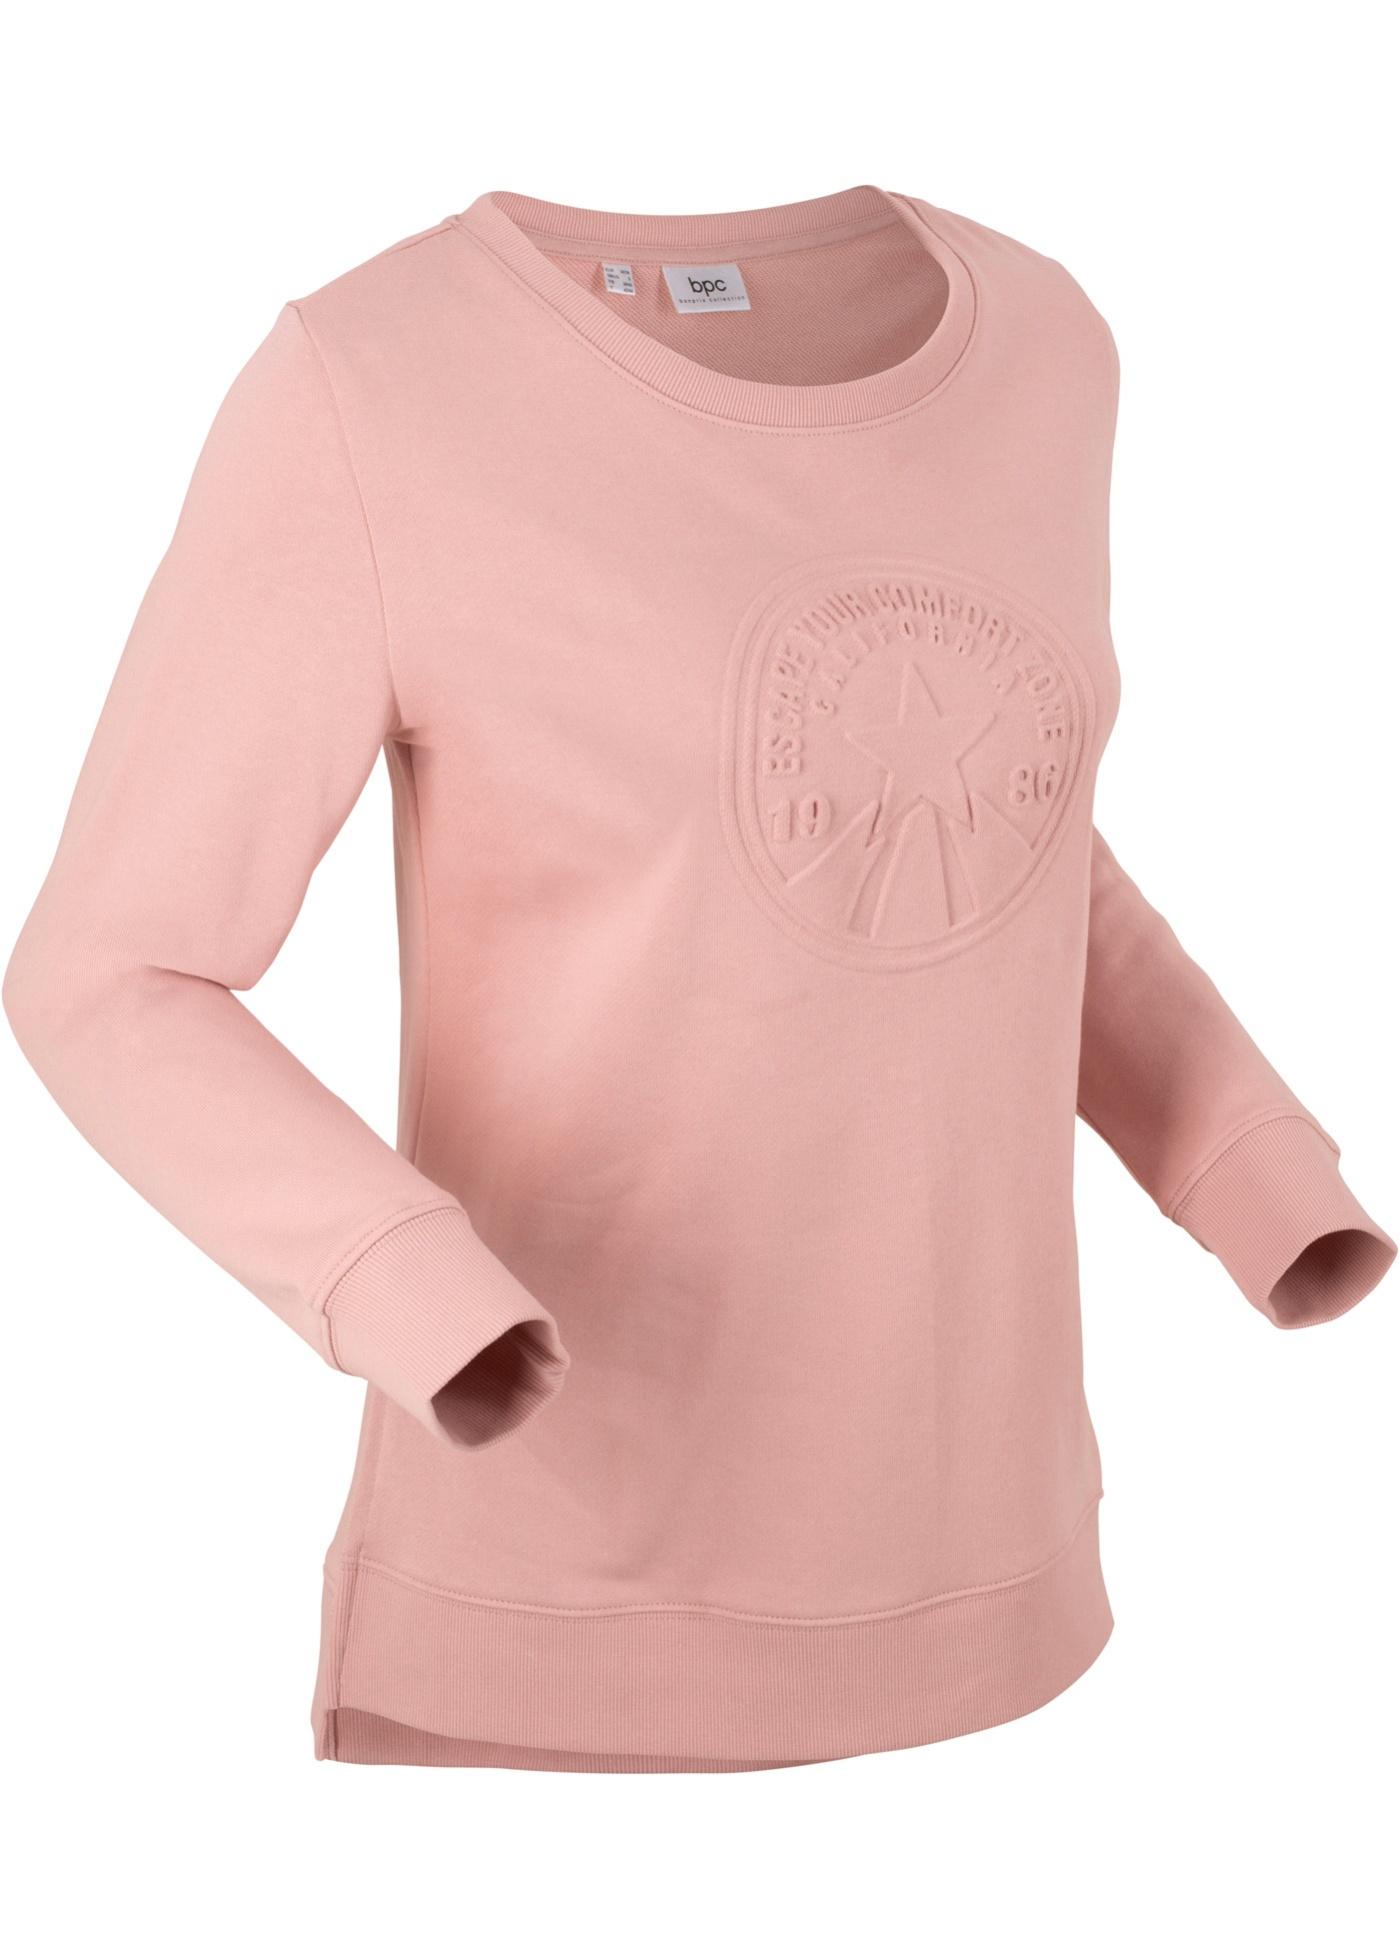 Mikina s raženým motivem, dlouhý rukáv - Růžová